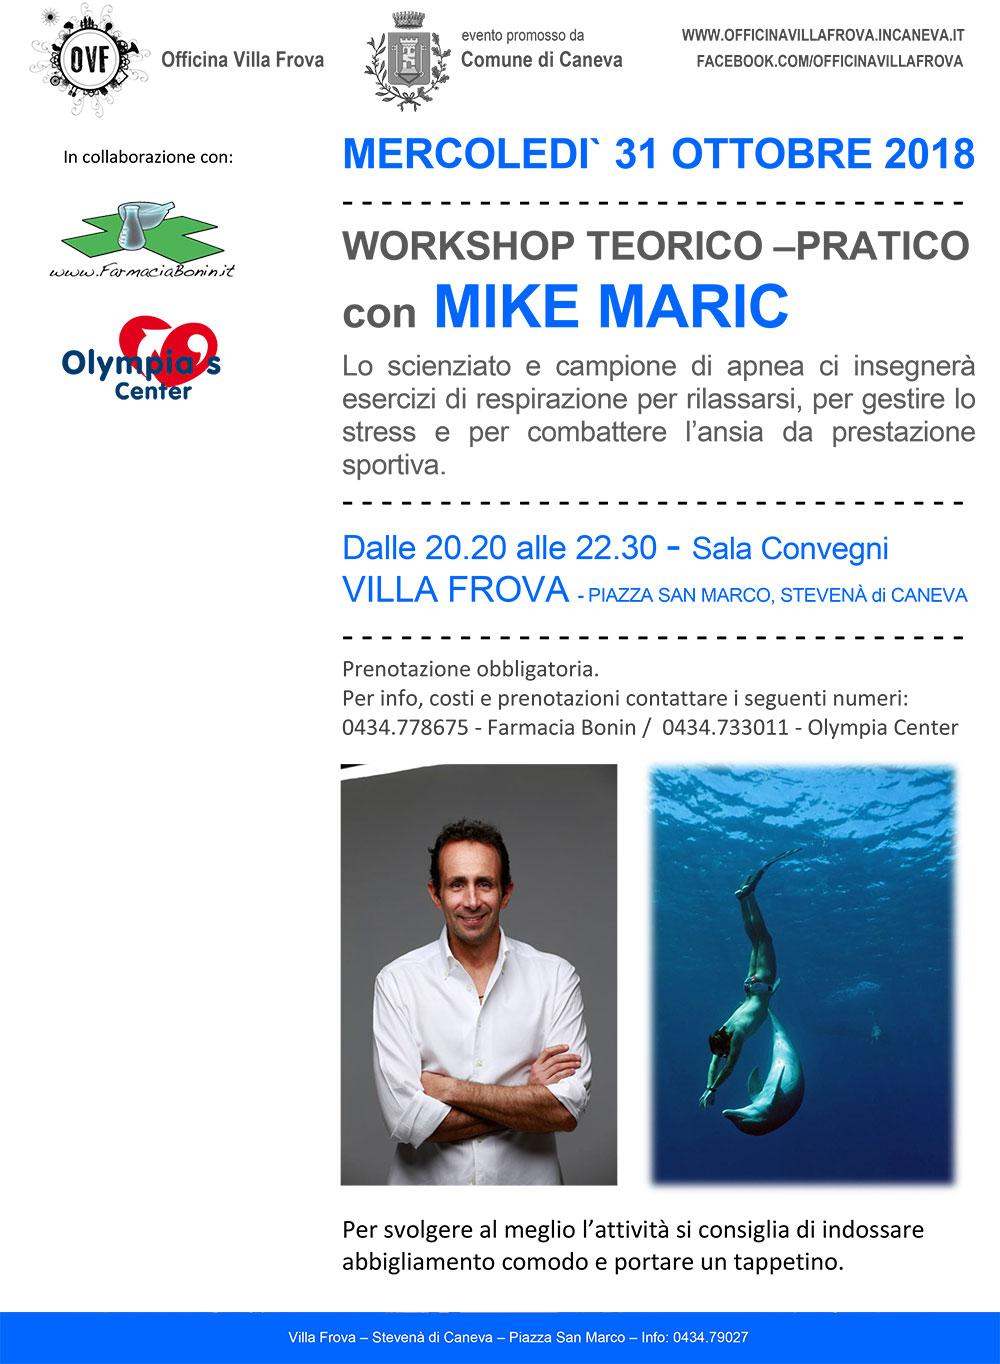 Workshop sulla Respirazione